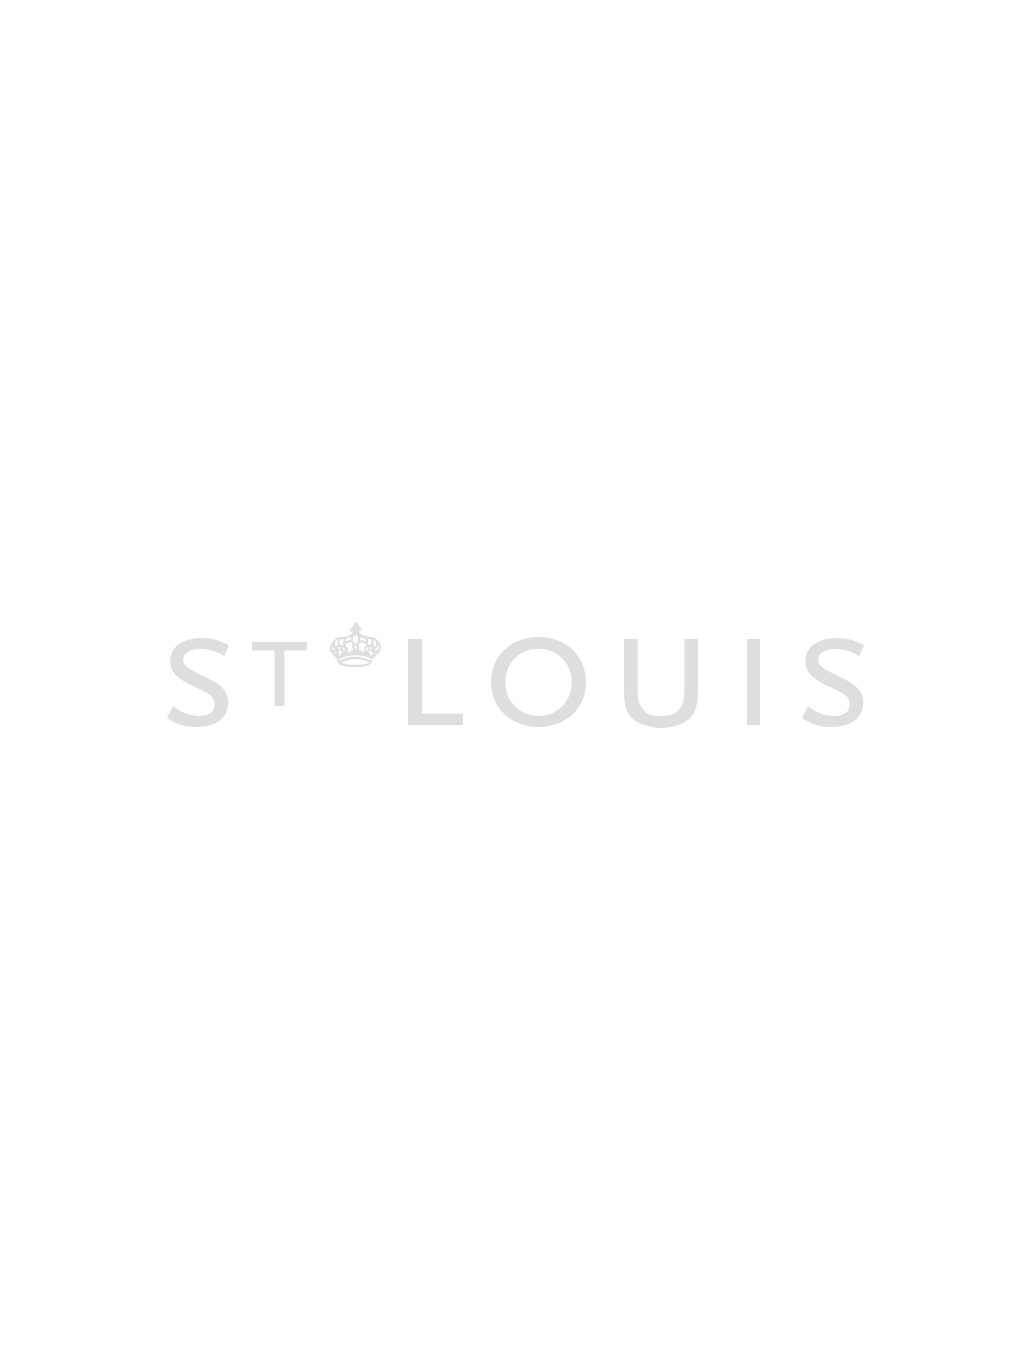 2010 -  Louis, 75 ex